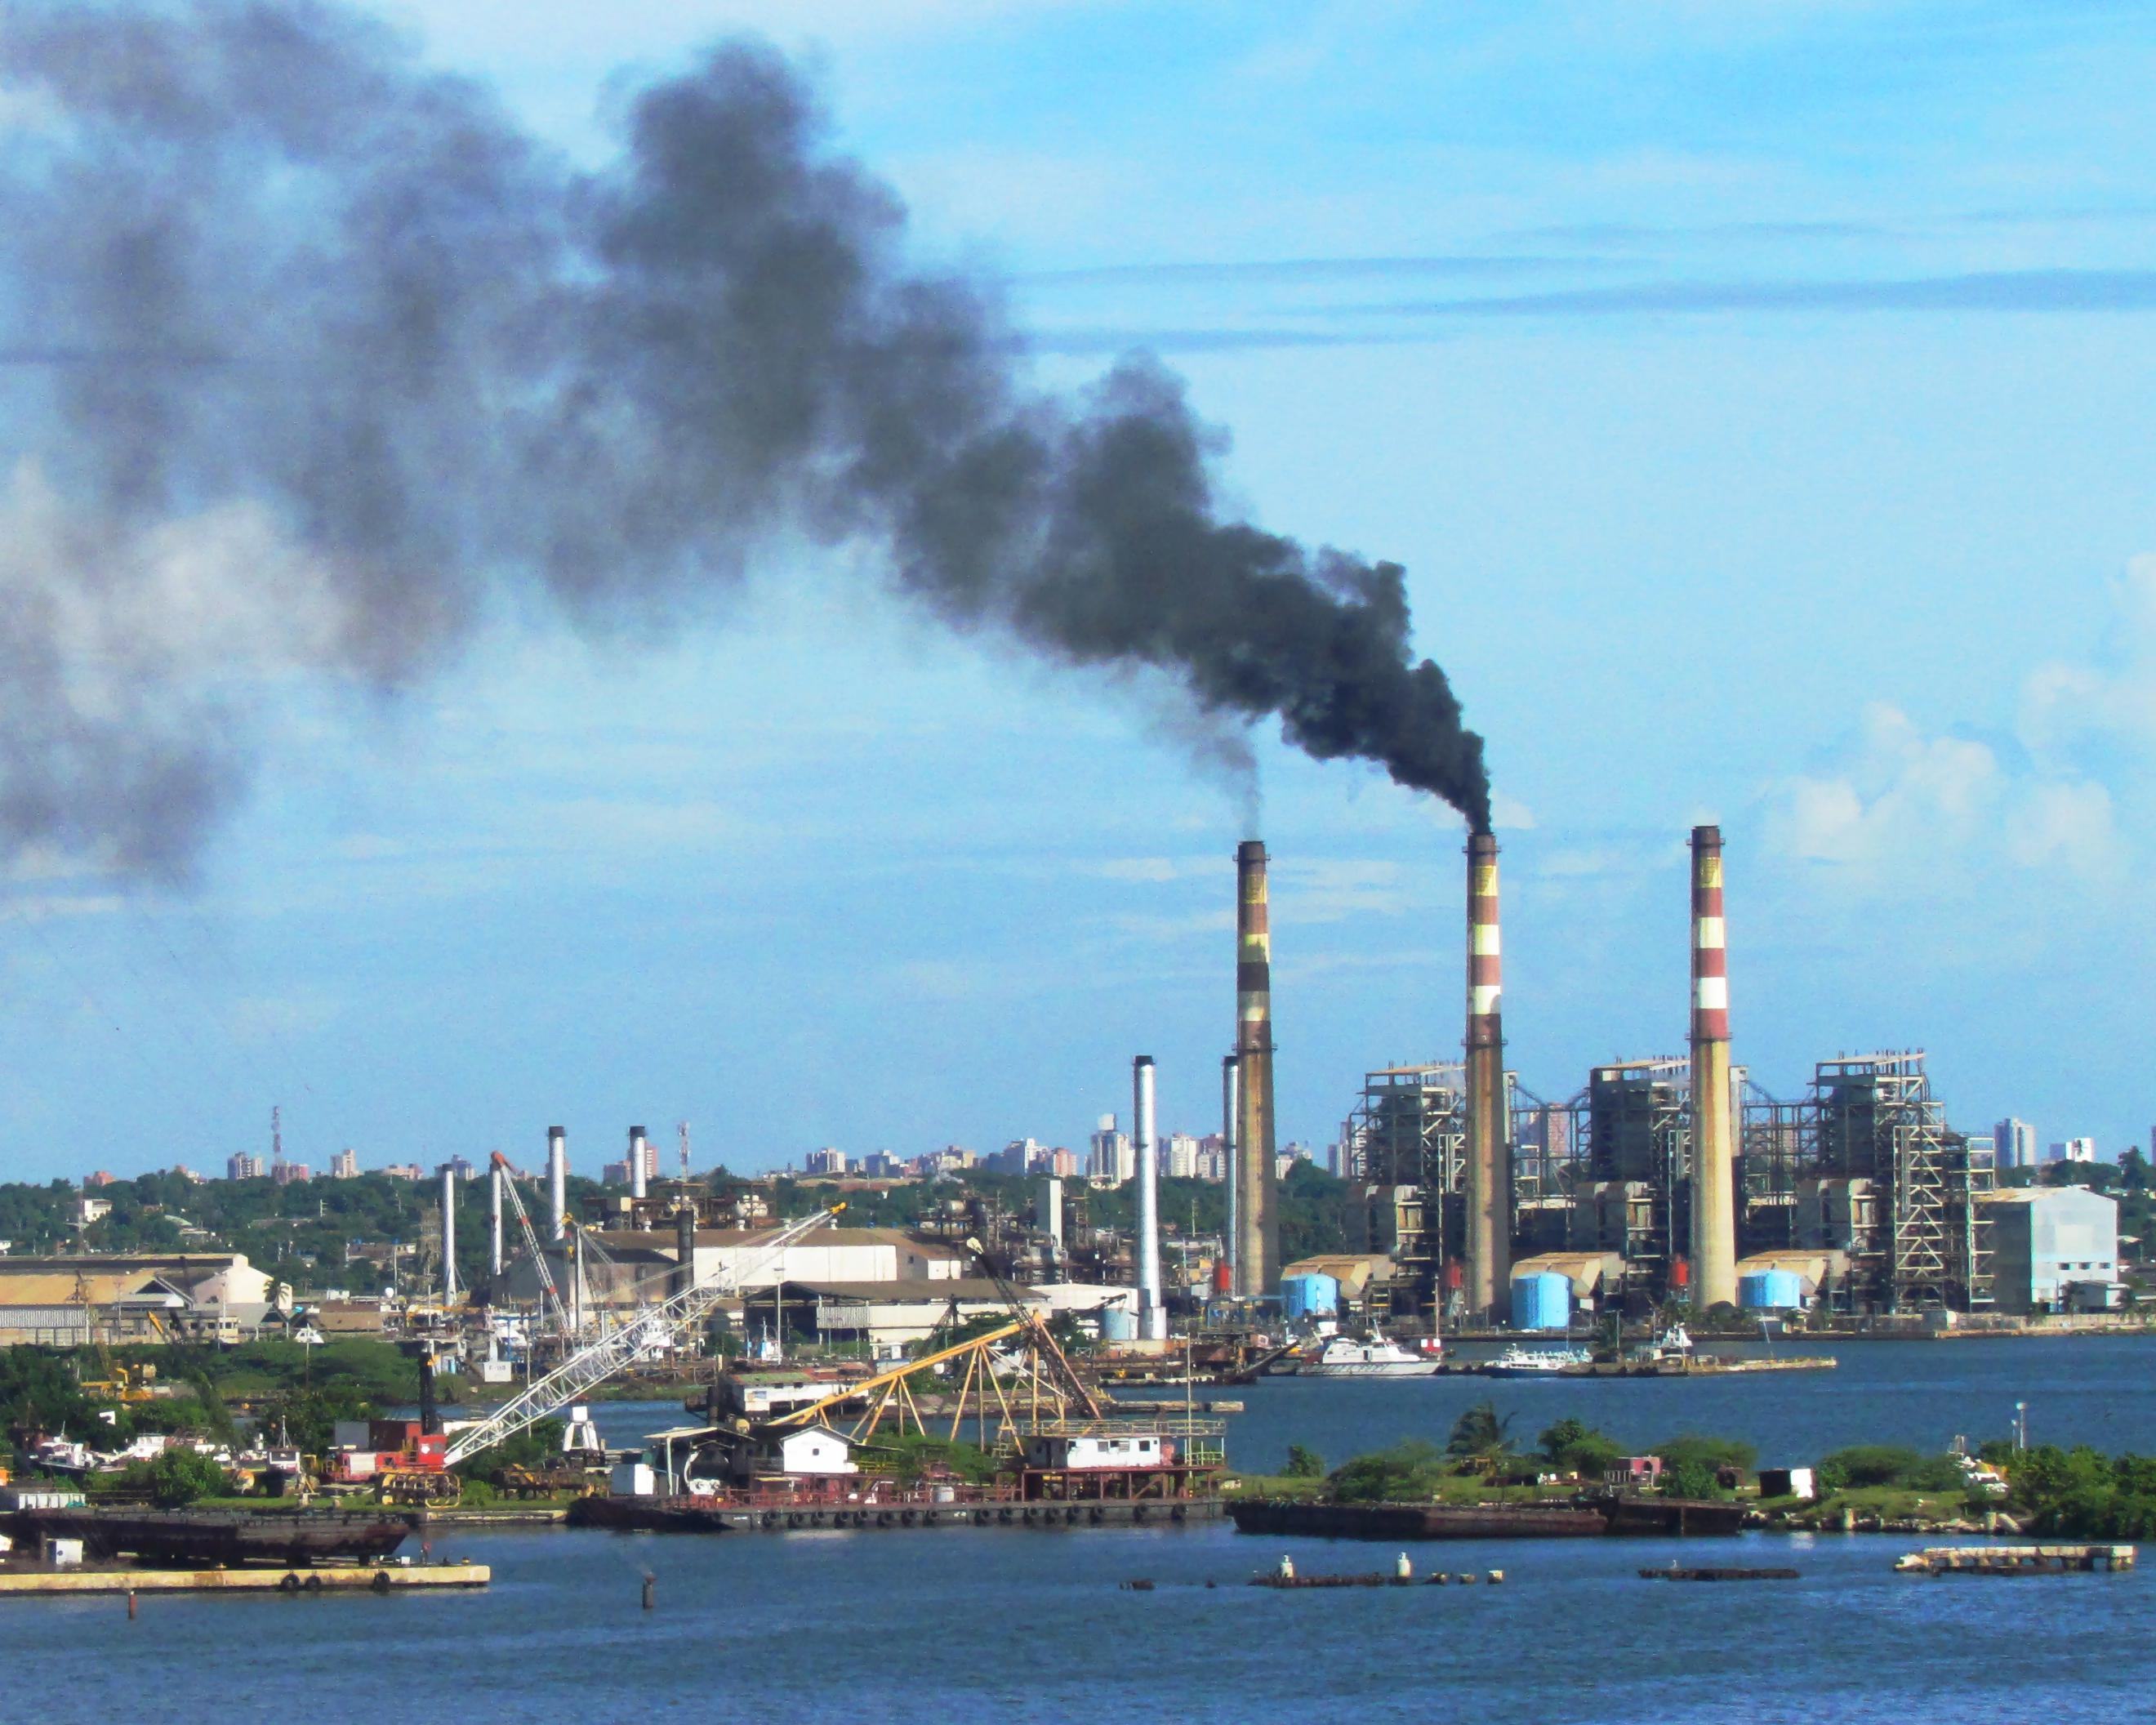 Descripción Planta Termoeléctrica en Maracaibo cuted versionjpg